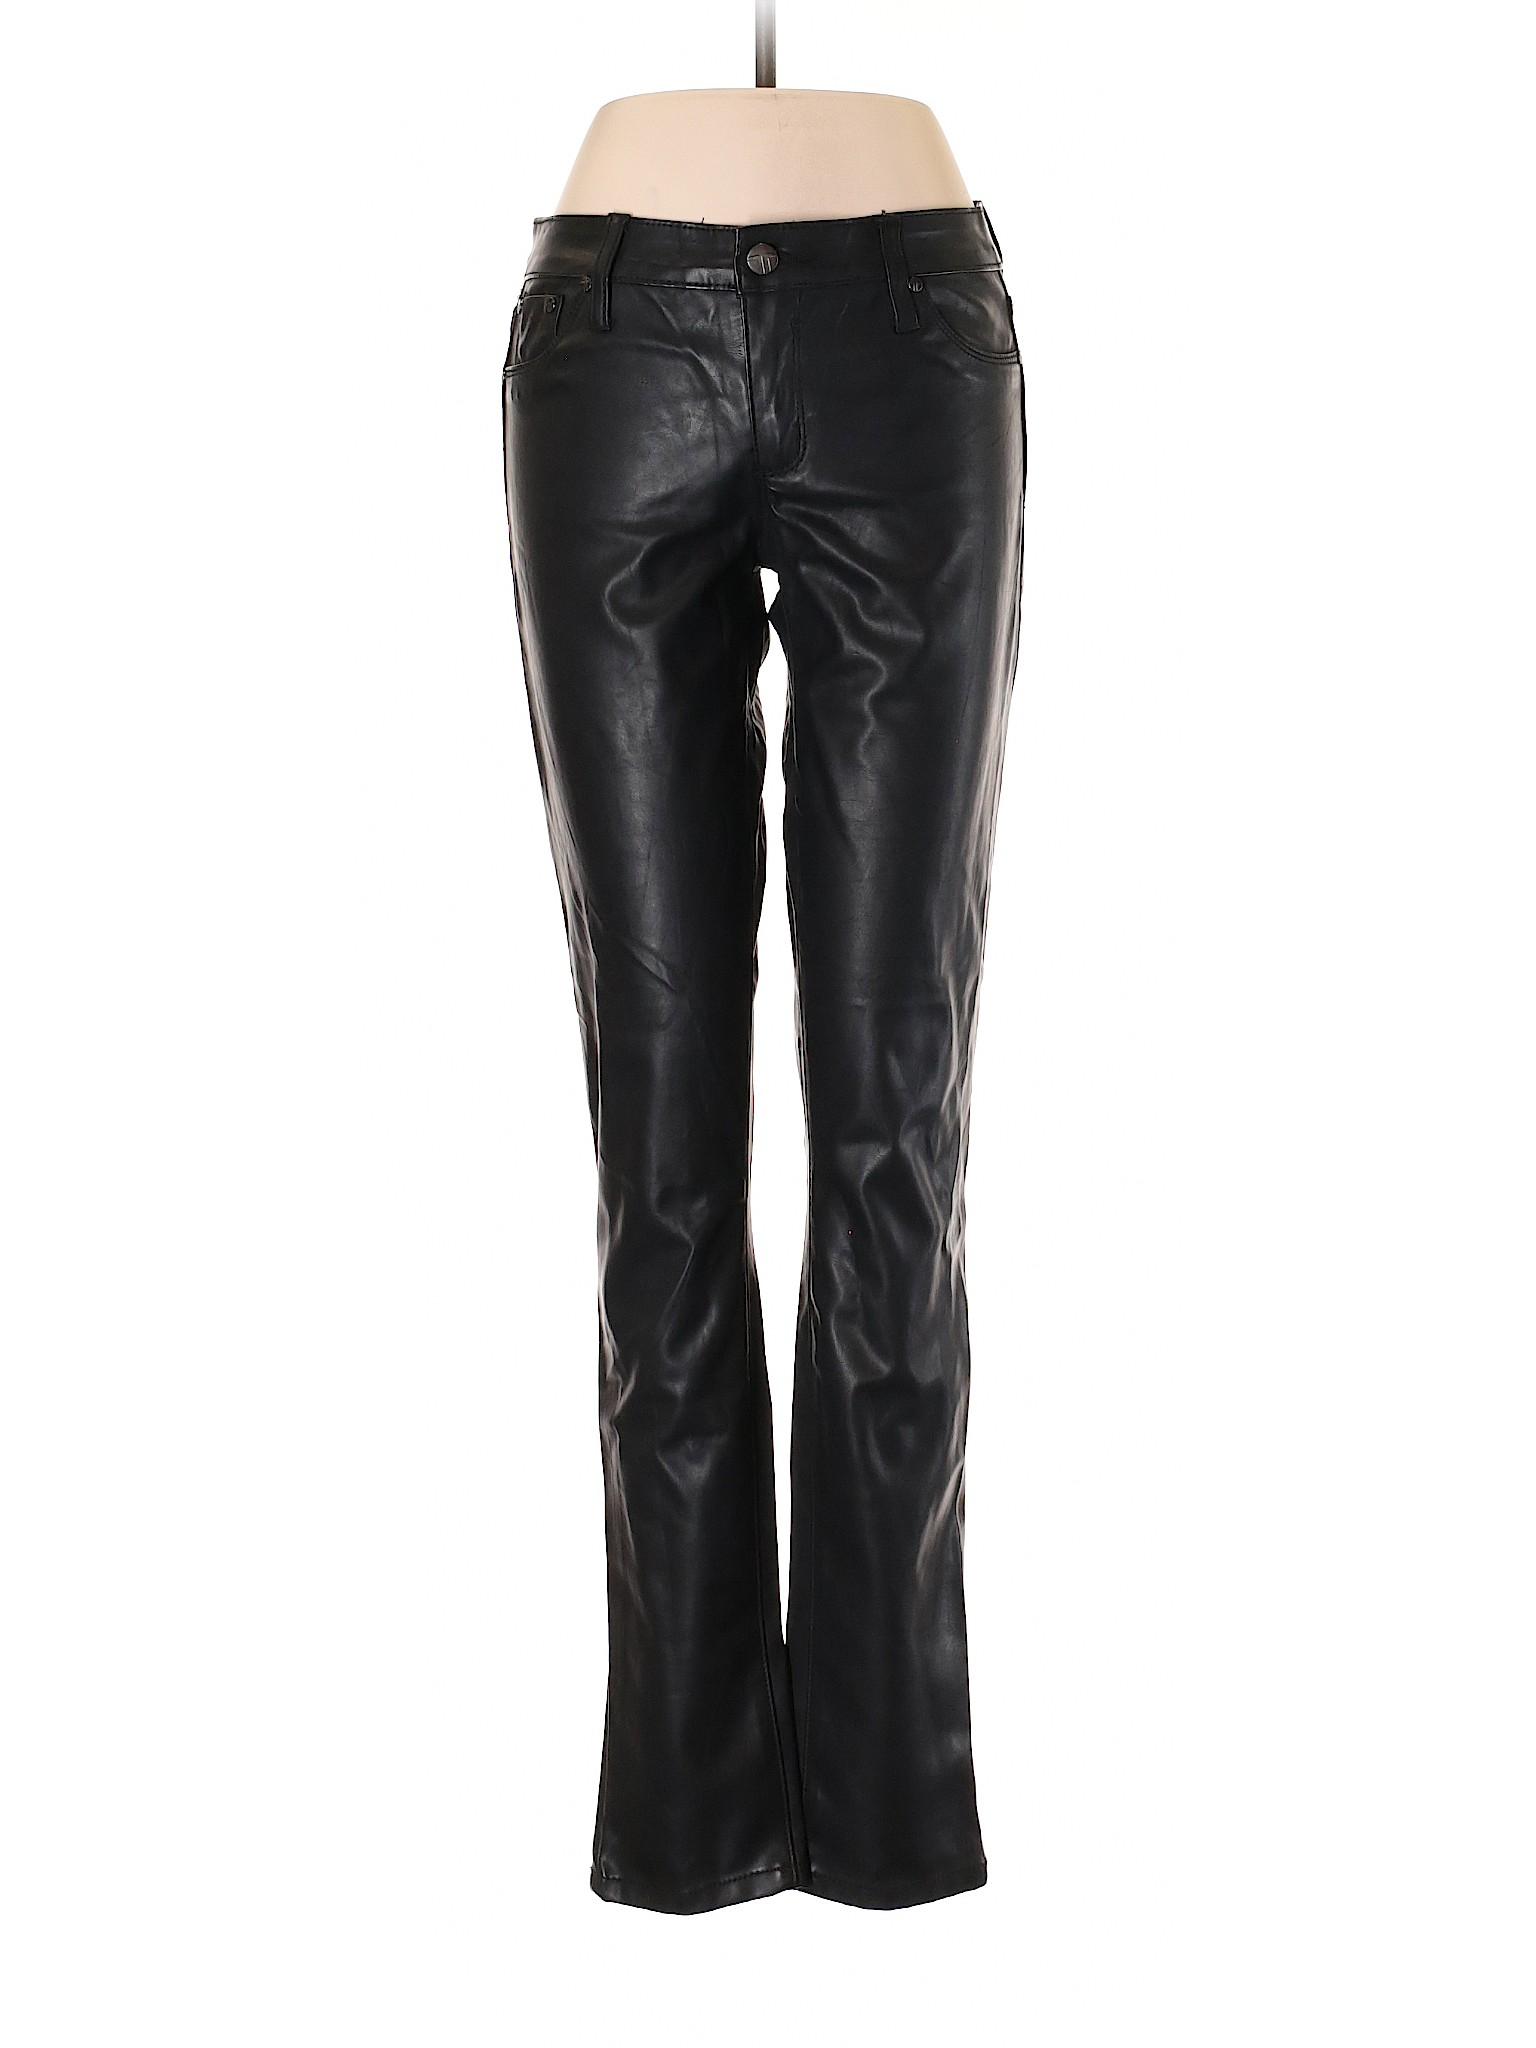 Faux Leather winter Pants Tractr Boutique z7qfwxSz